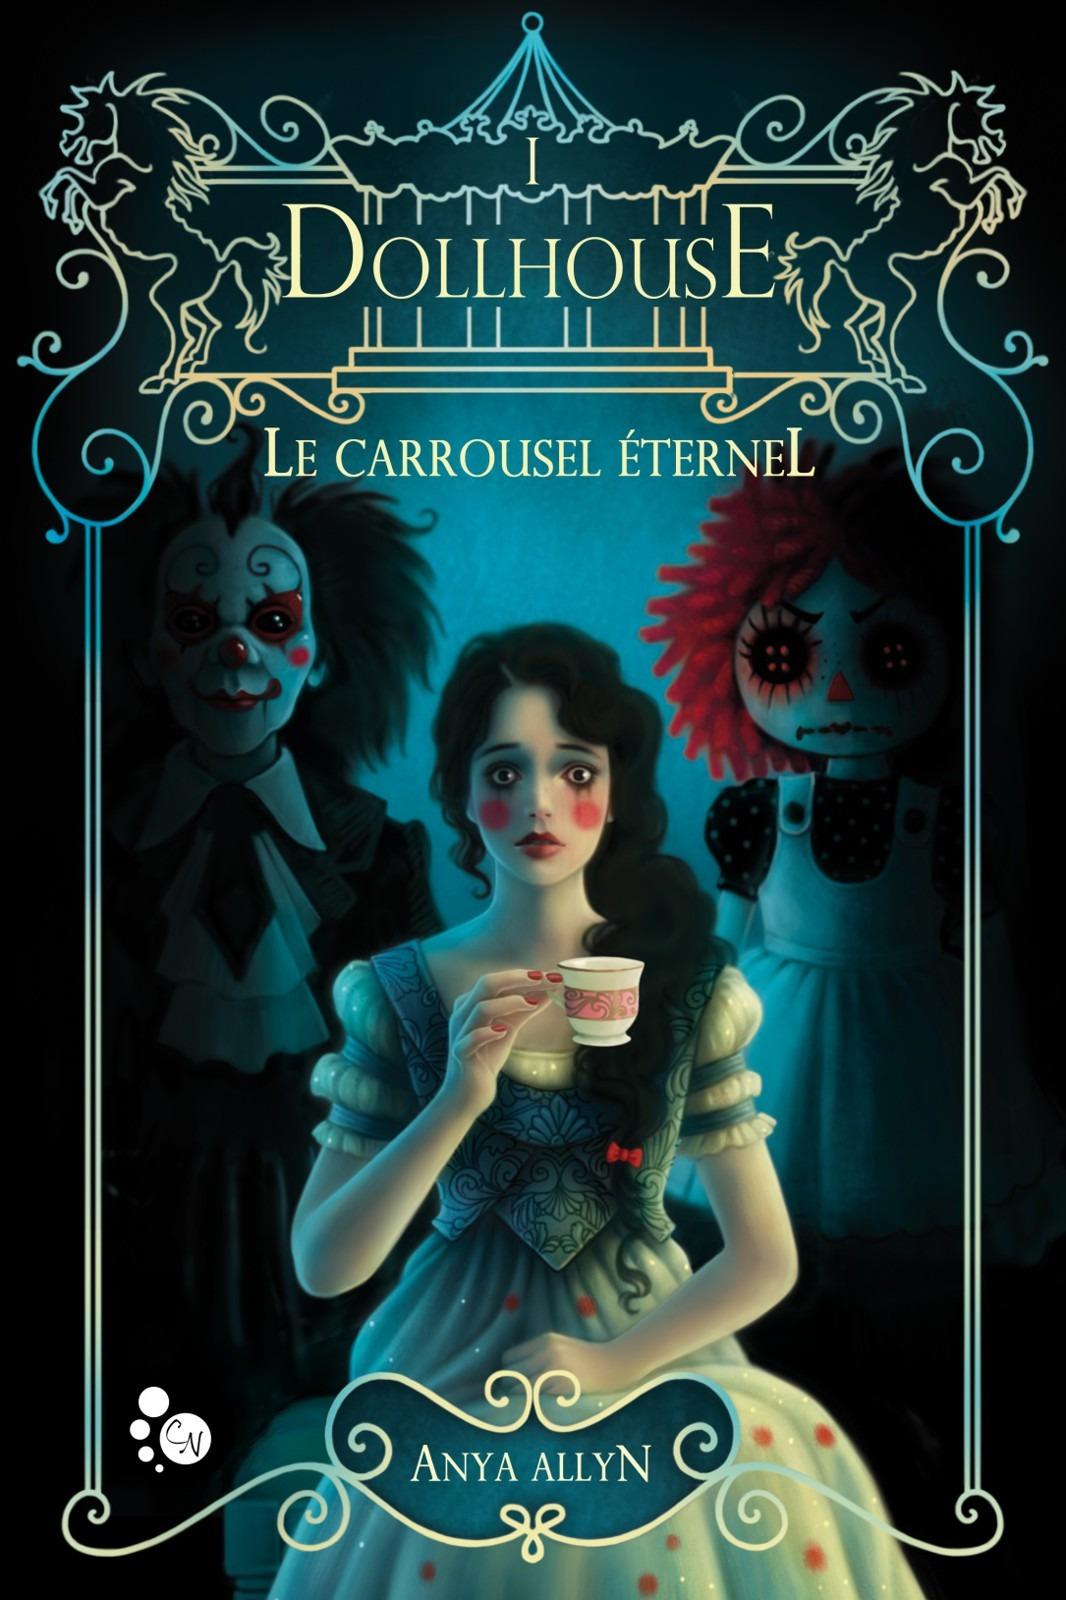 Dollhouse, LE CARROUSEL ÉTERNEL